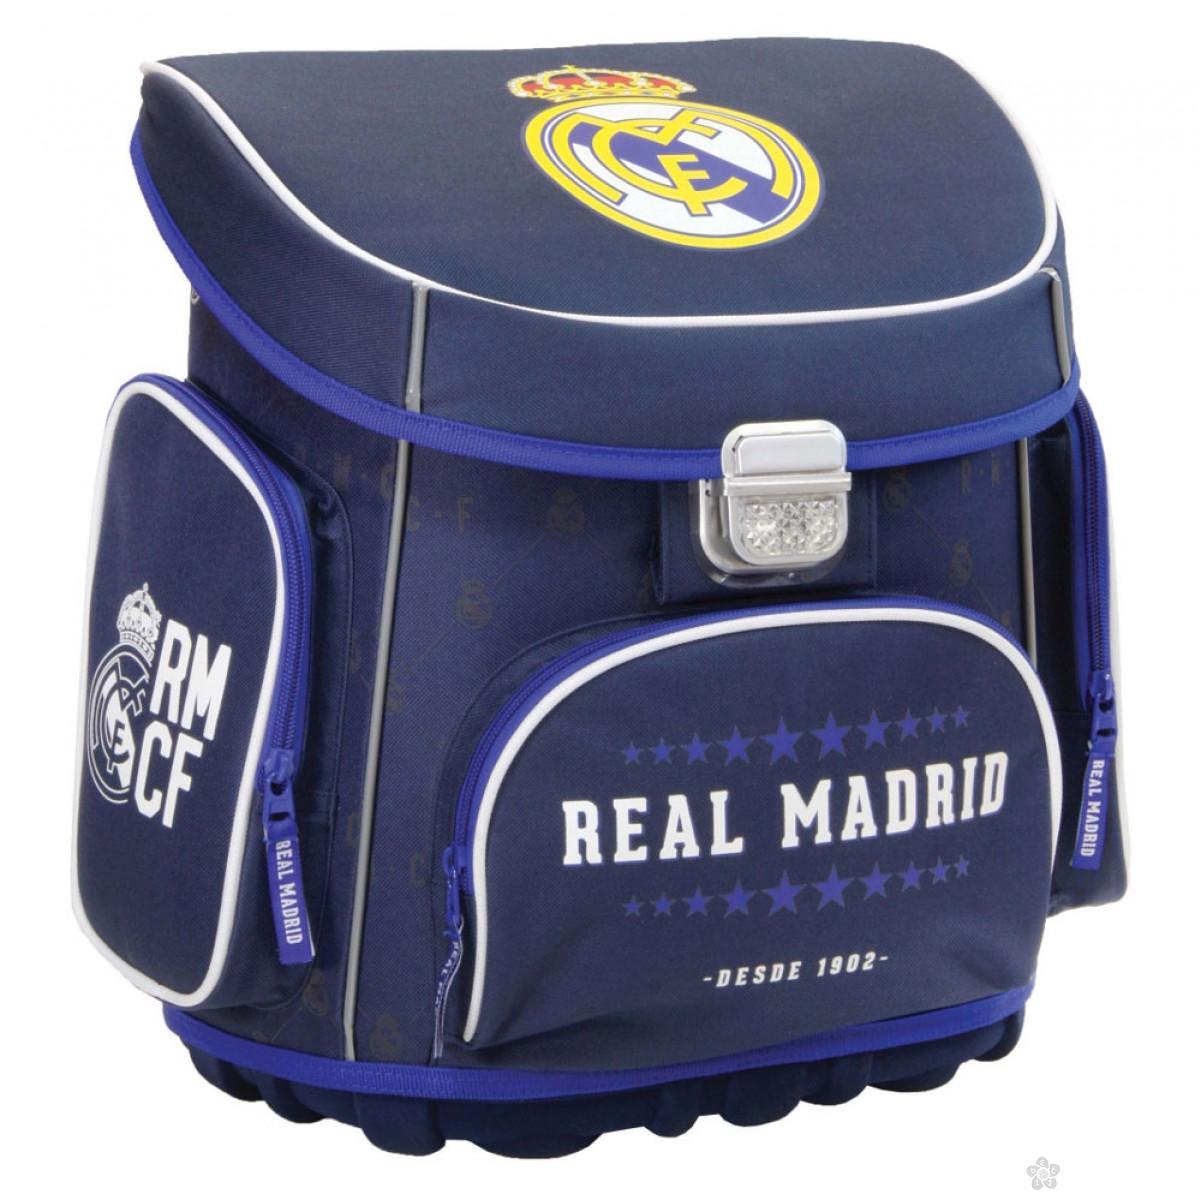 Anatomski ranac kocka Real Madrid plava 53220